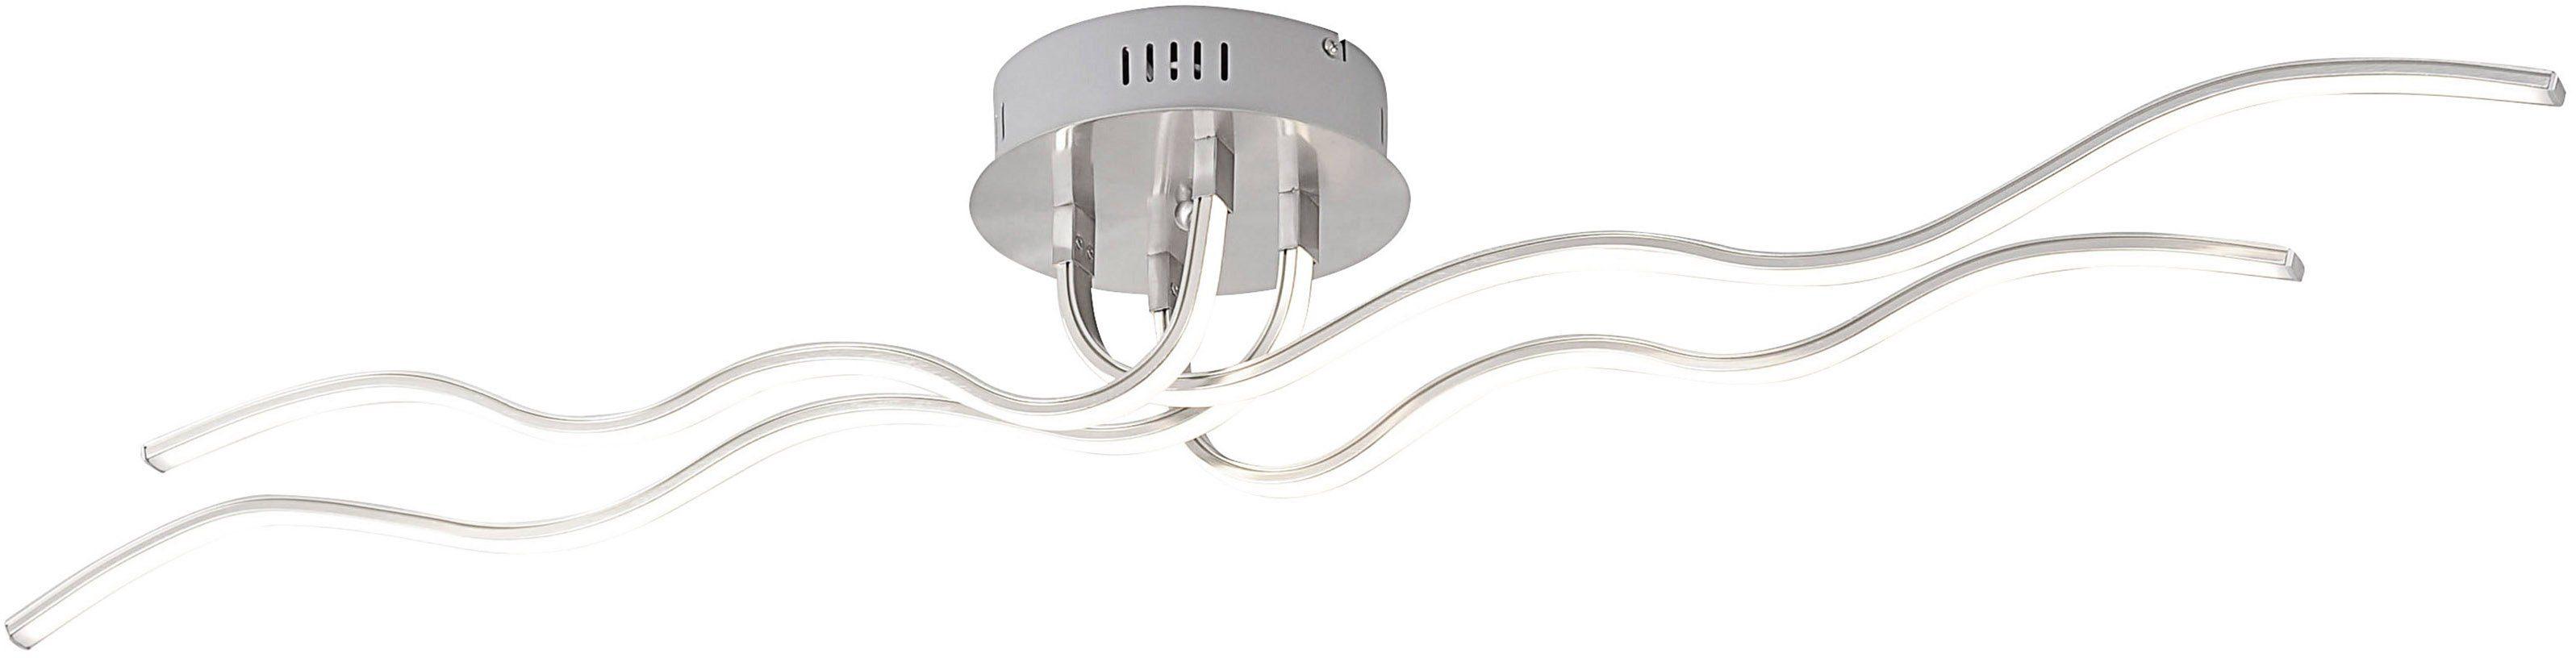 Leuchten Direkt LED-Deckenleuchte, 4 flg., »WAVE«